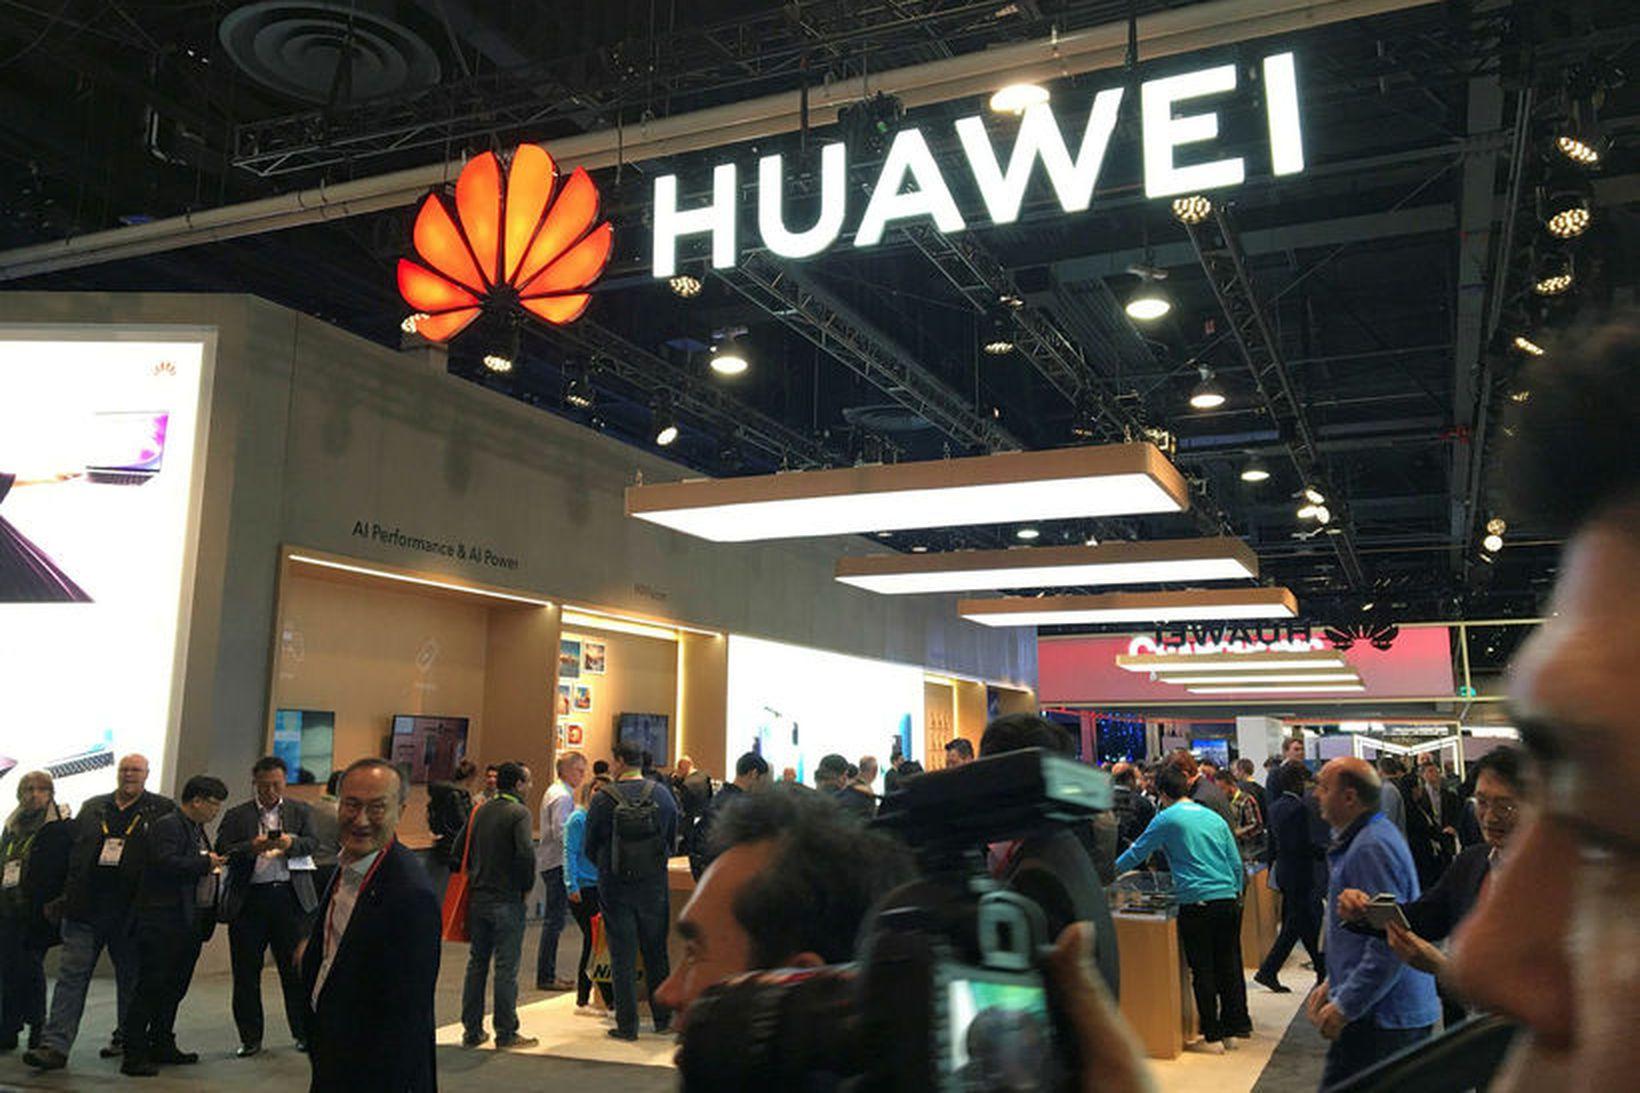 Huawei gæti brátt sætt ákæru í Bandaríkjunum fyrir hugverkastuld, samkvæmt …